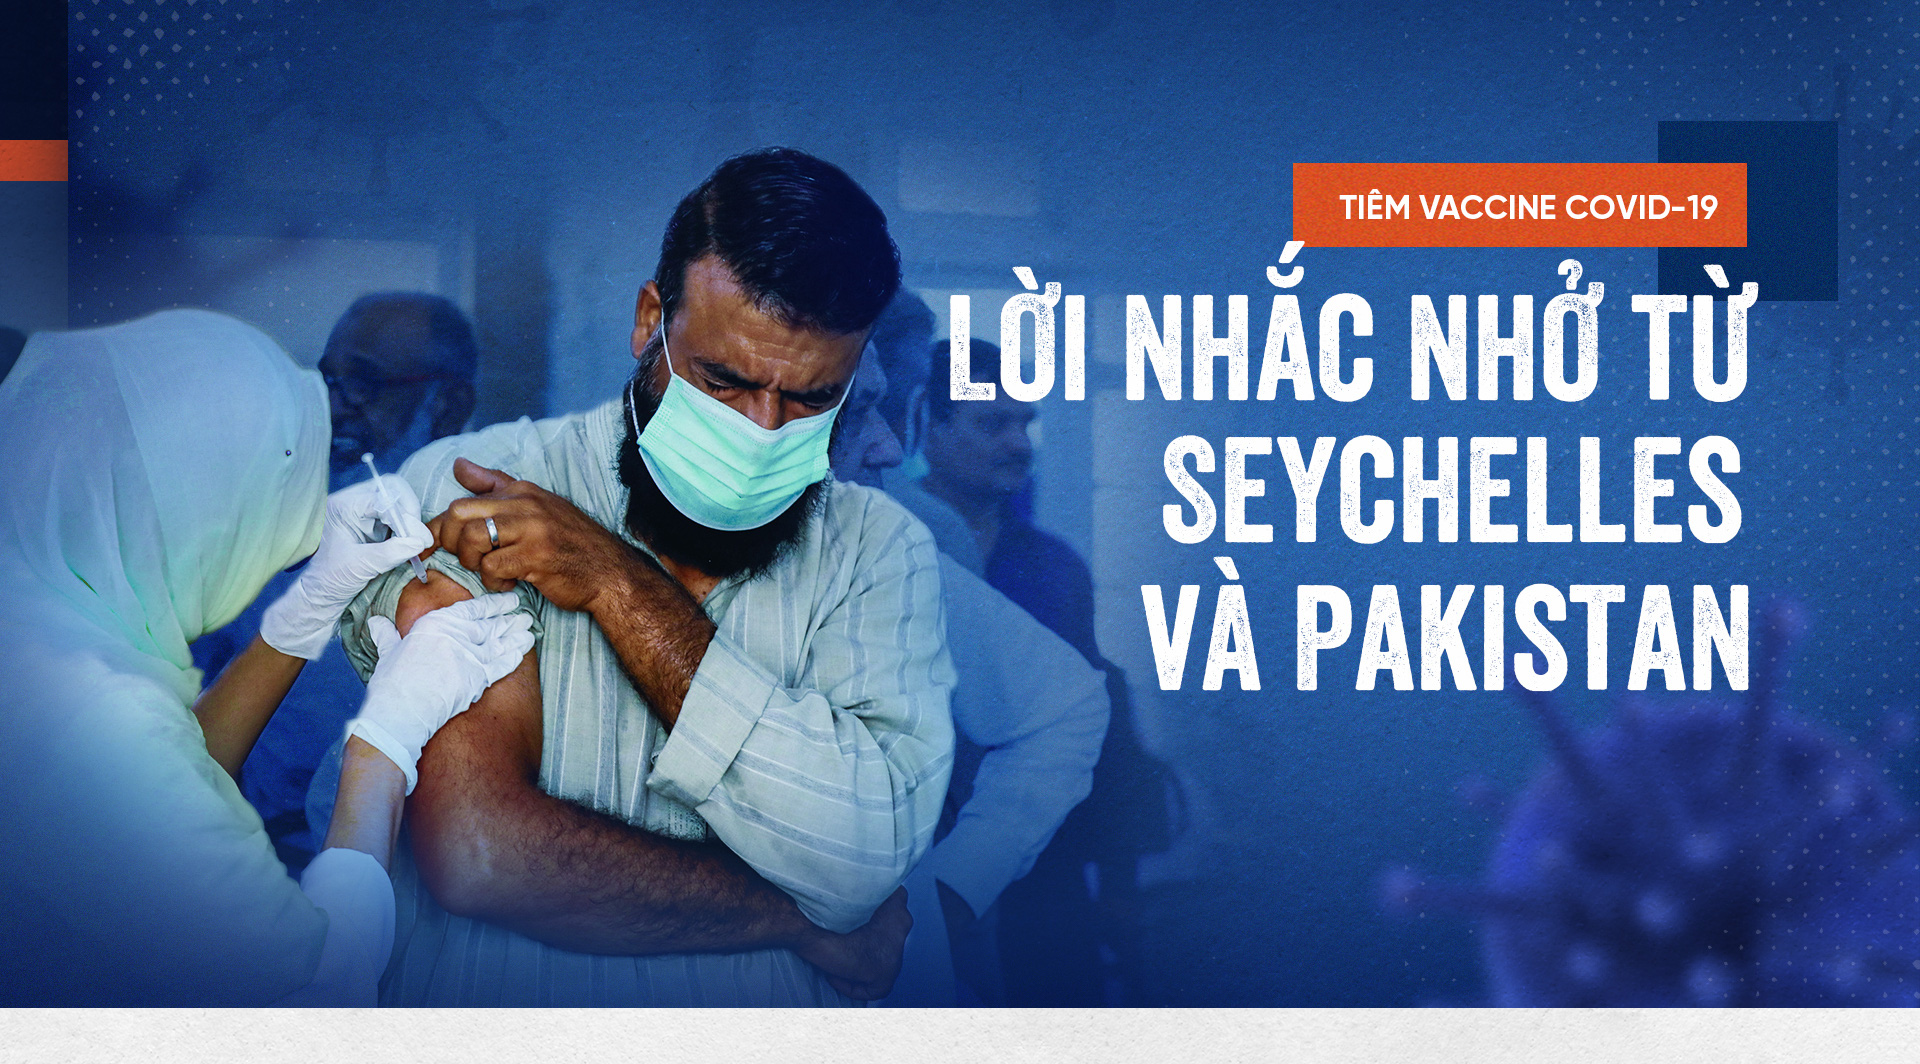 Tiêm vaccine COVID-19: Lời nhắc nhở từ Seychelles và Pakistan